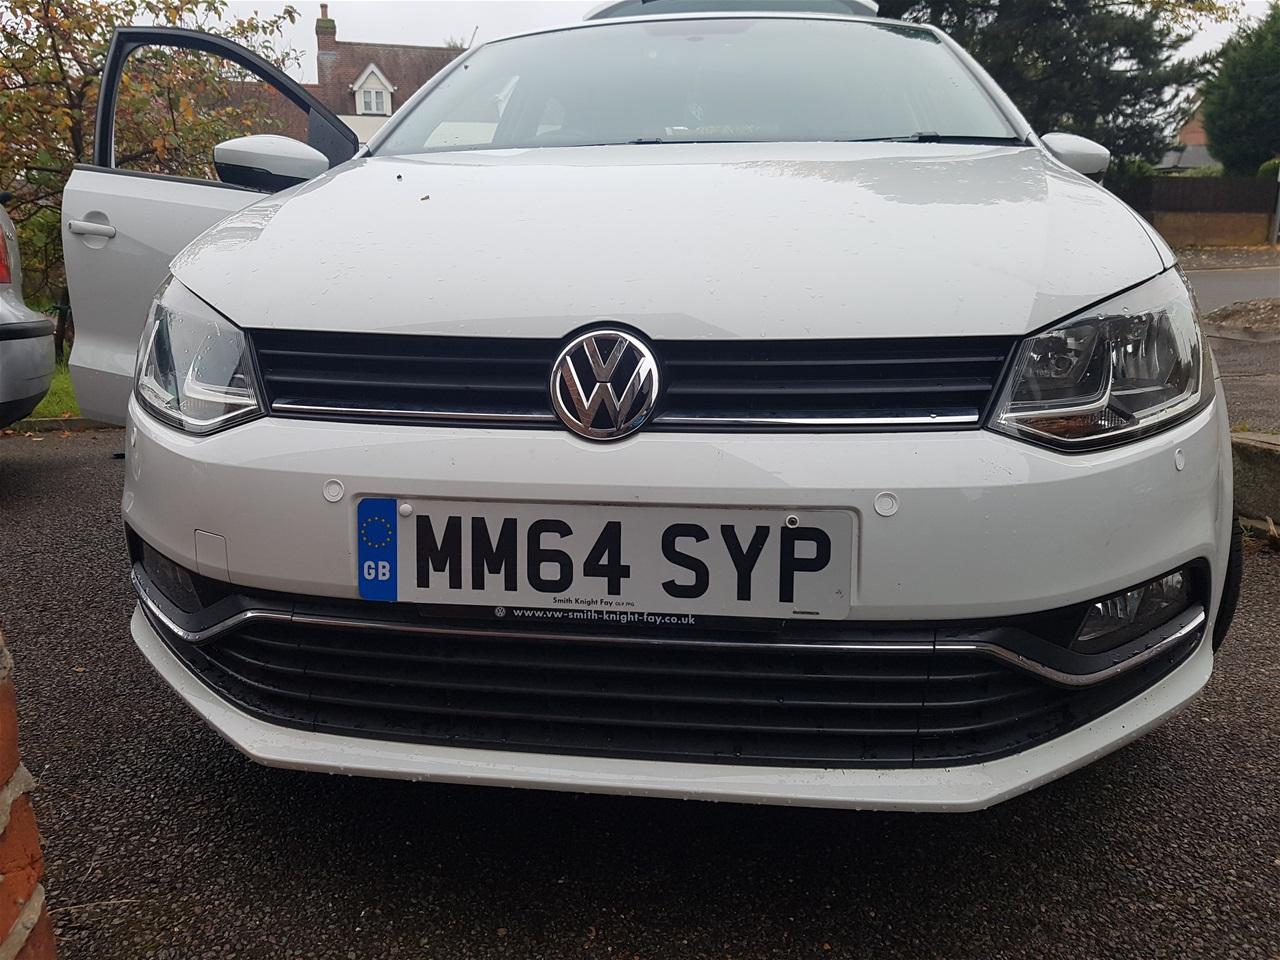 Volkswagen Polo front parking sensors